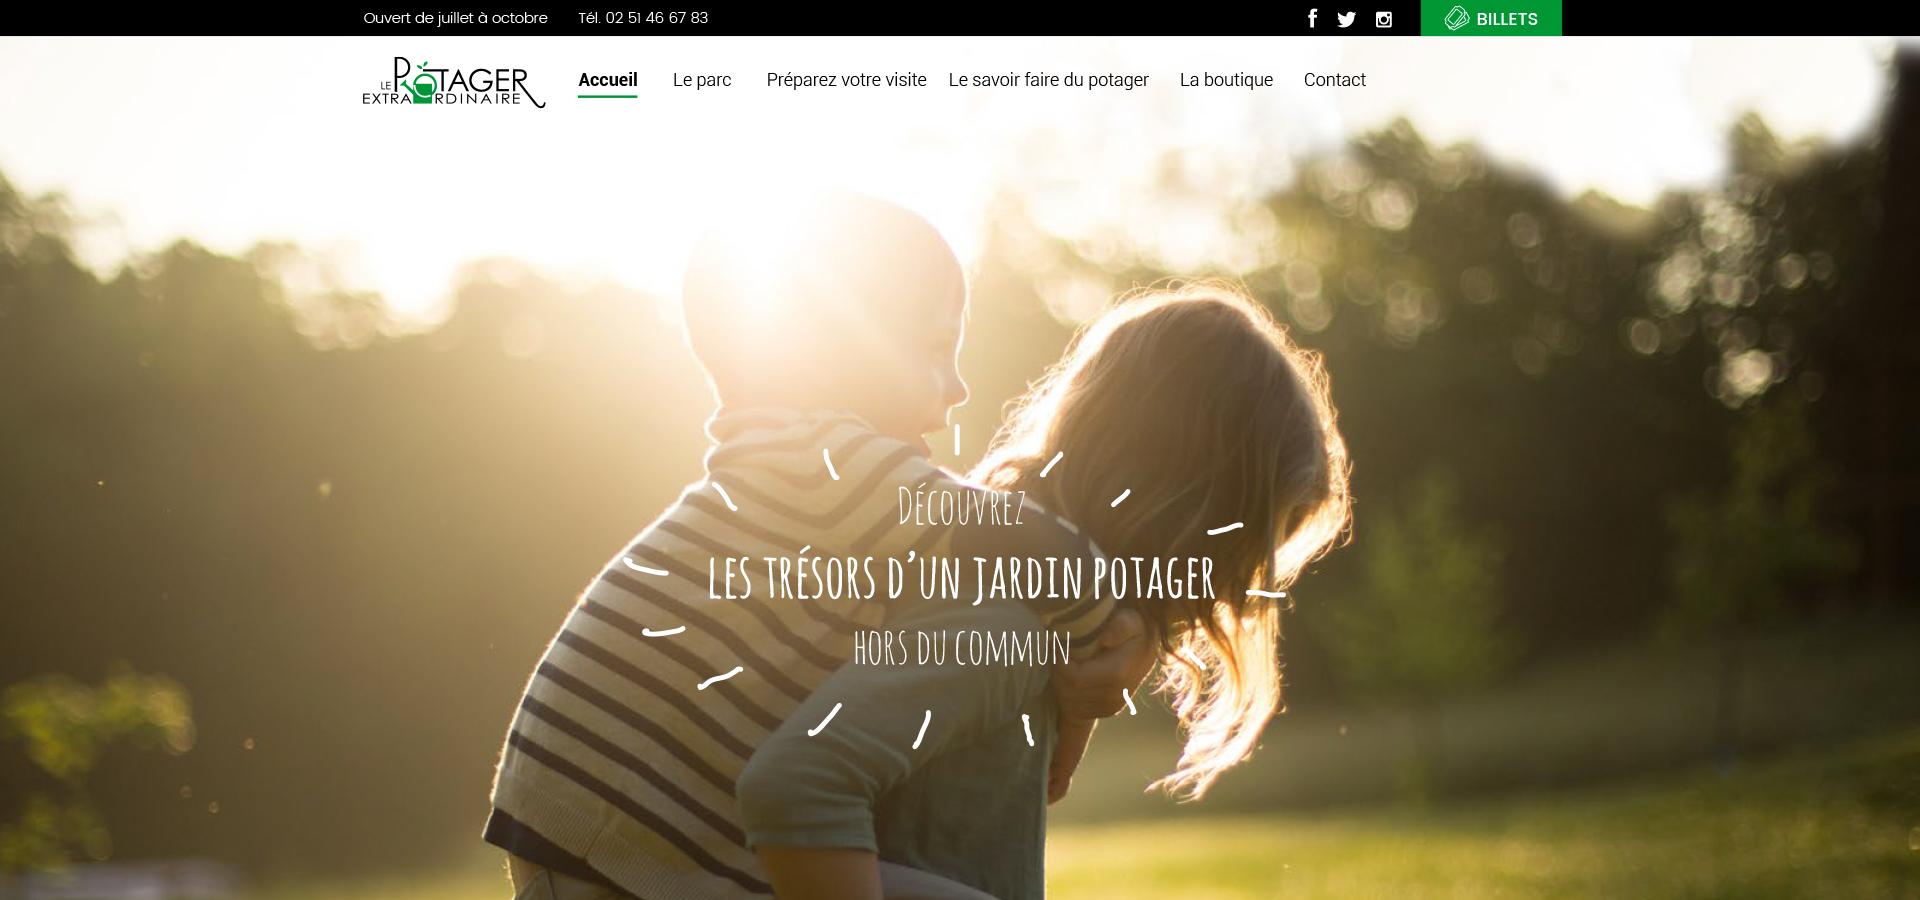 LE-POTAGER-EXTRAORDINAIRE-parc-de-loisirs-en-vendee-realisation-comwell